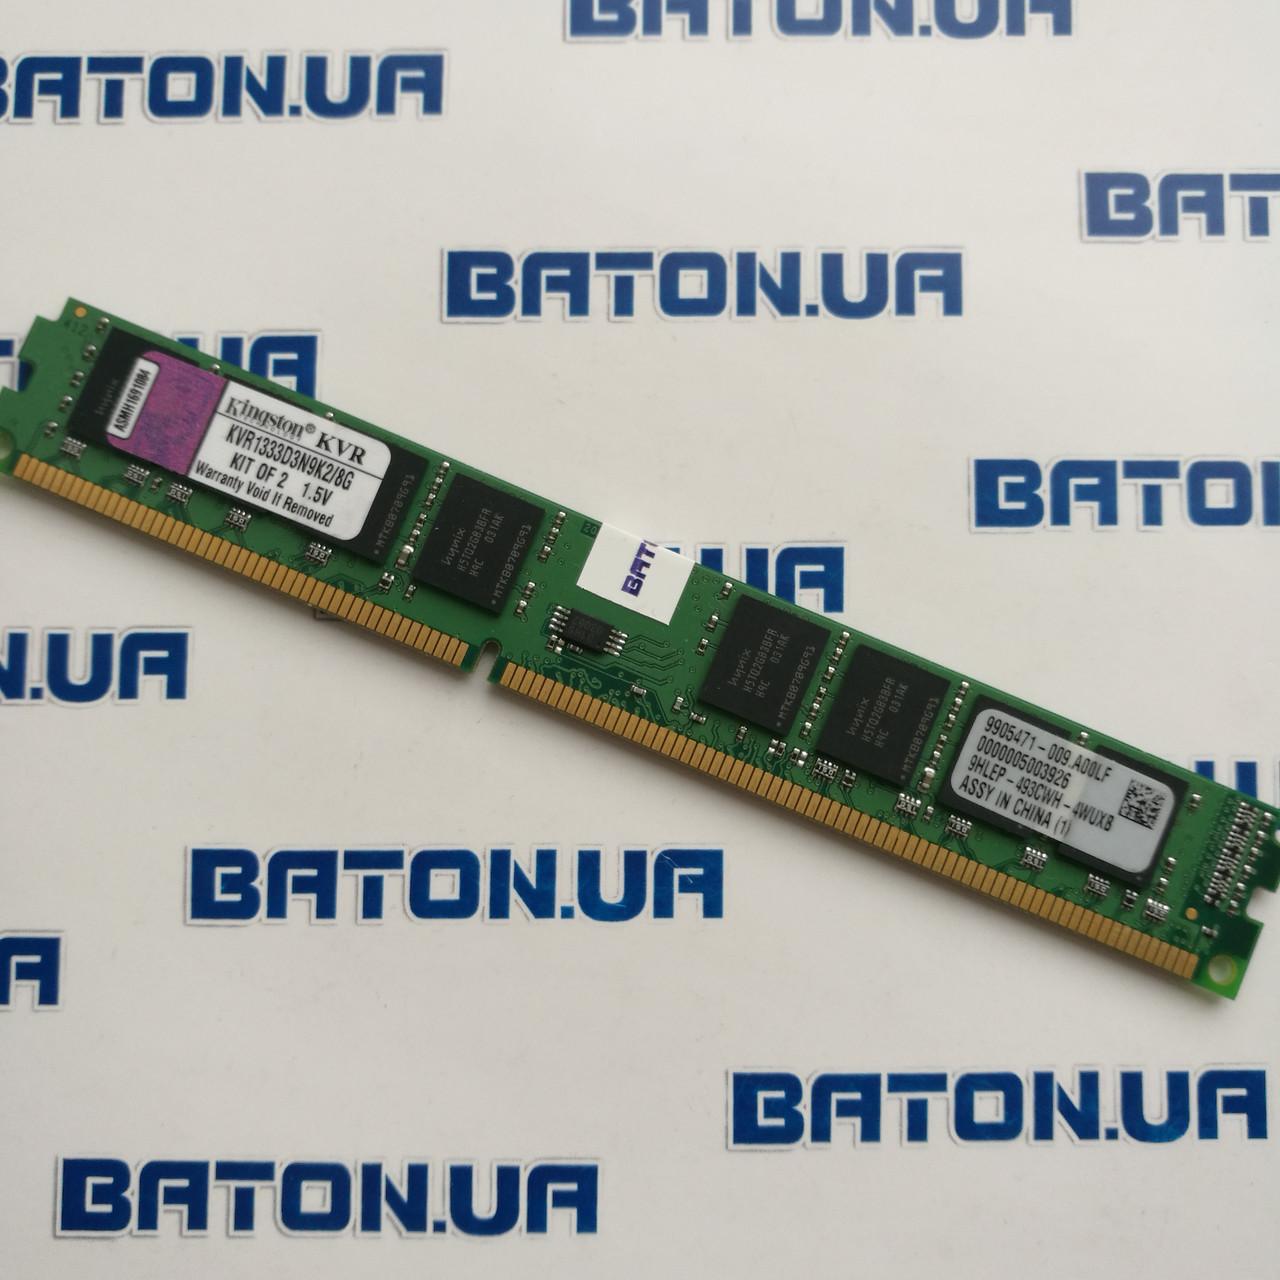 Оперативная память Kingston DDR3 4Gb 1333MHz PC3-10600U 2R8 LP CL9 (KVR1333D3N9K2/8G)